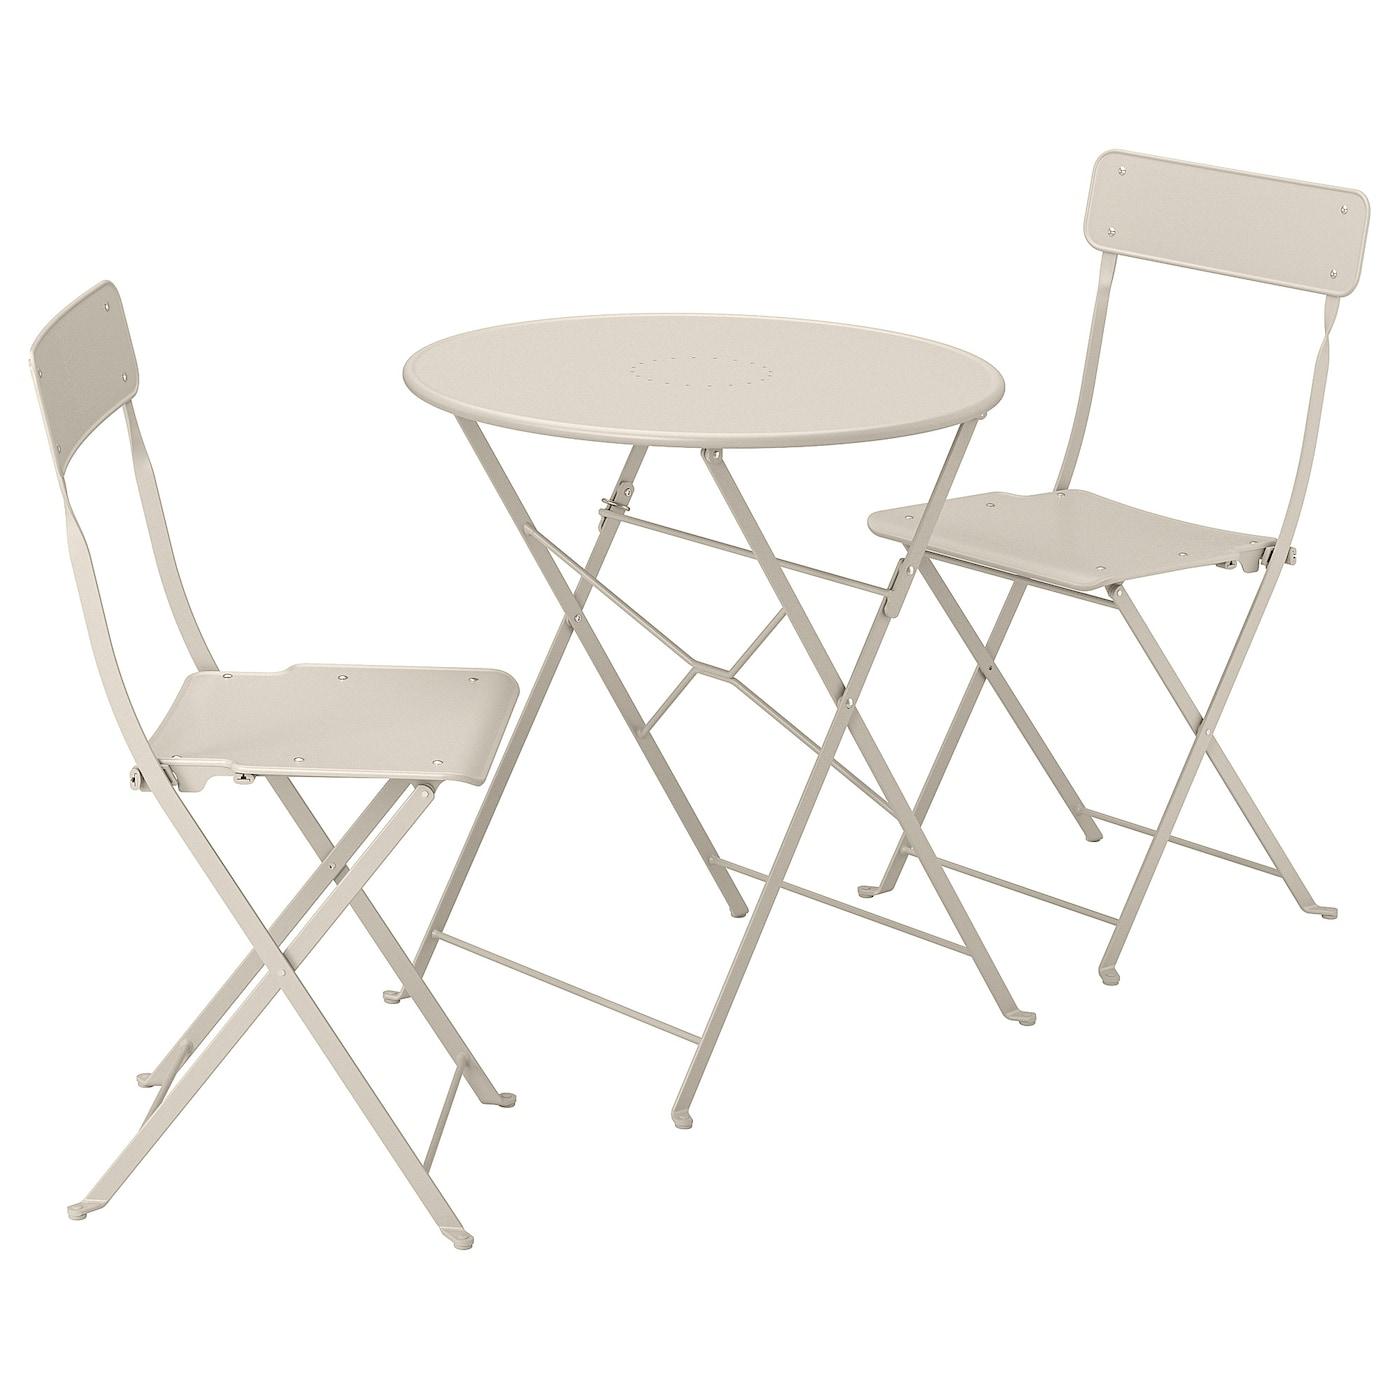 Saltholmen Table 2 Chaises Pliantes Exterieur Beige Ikea